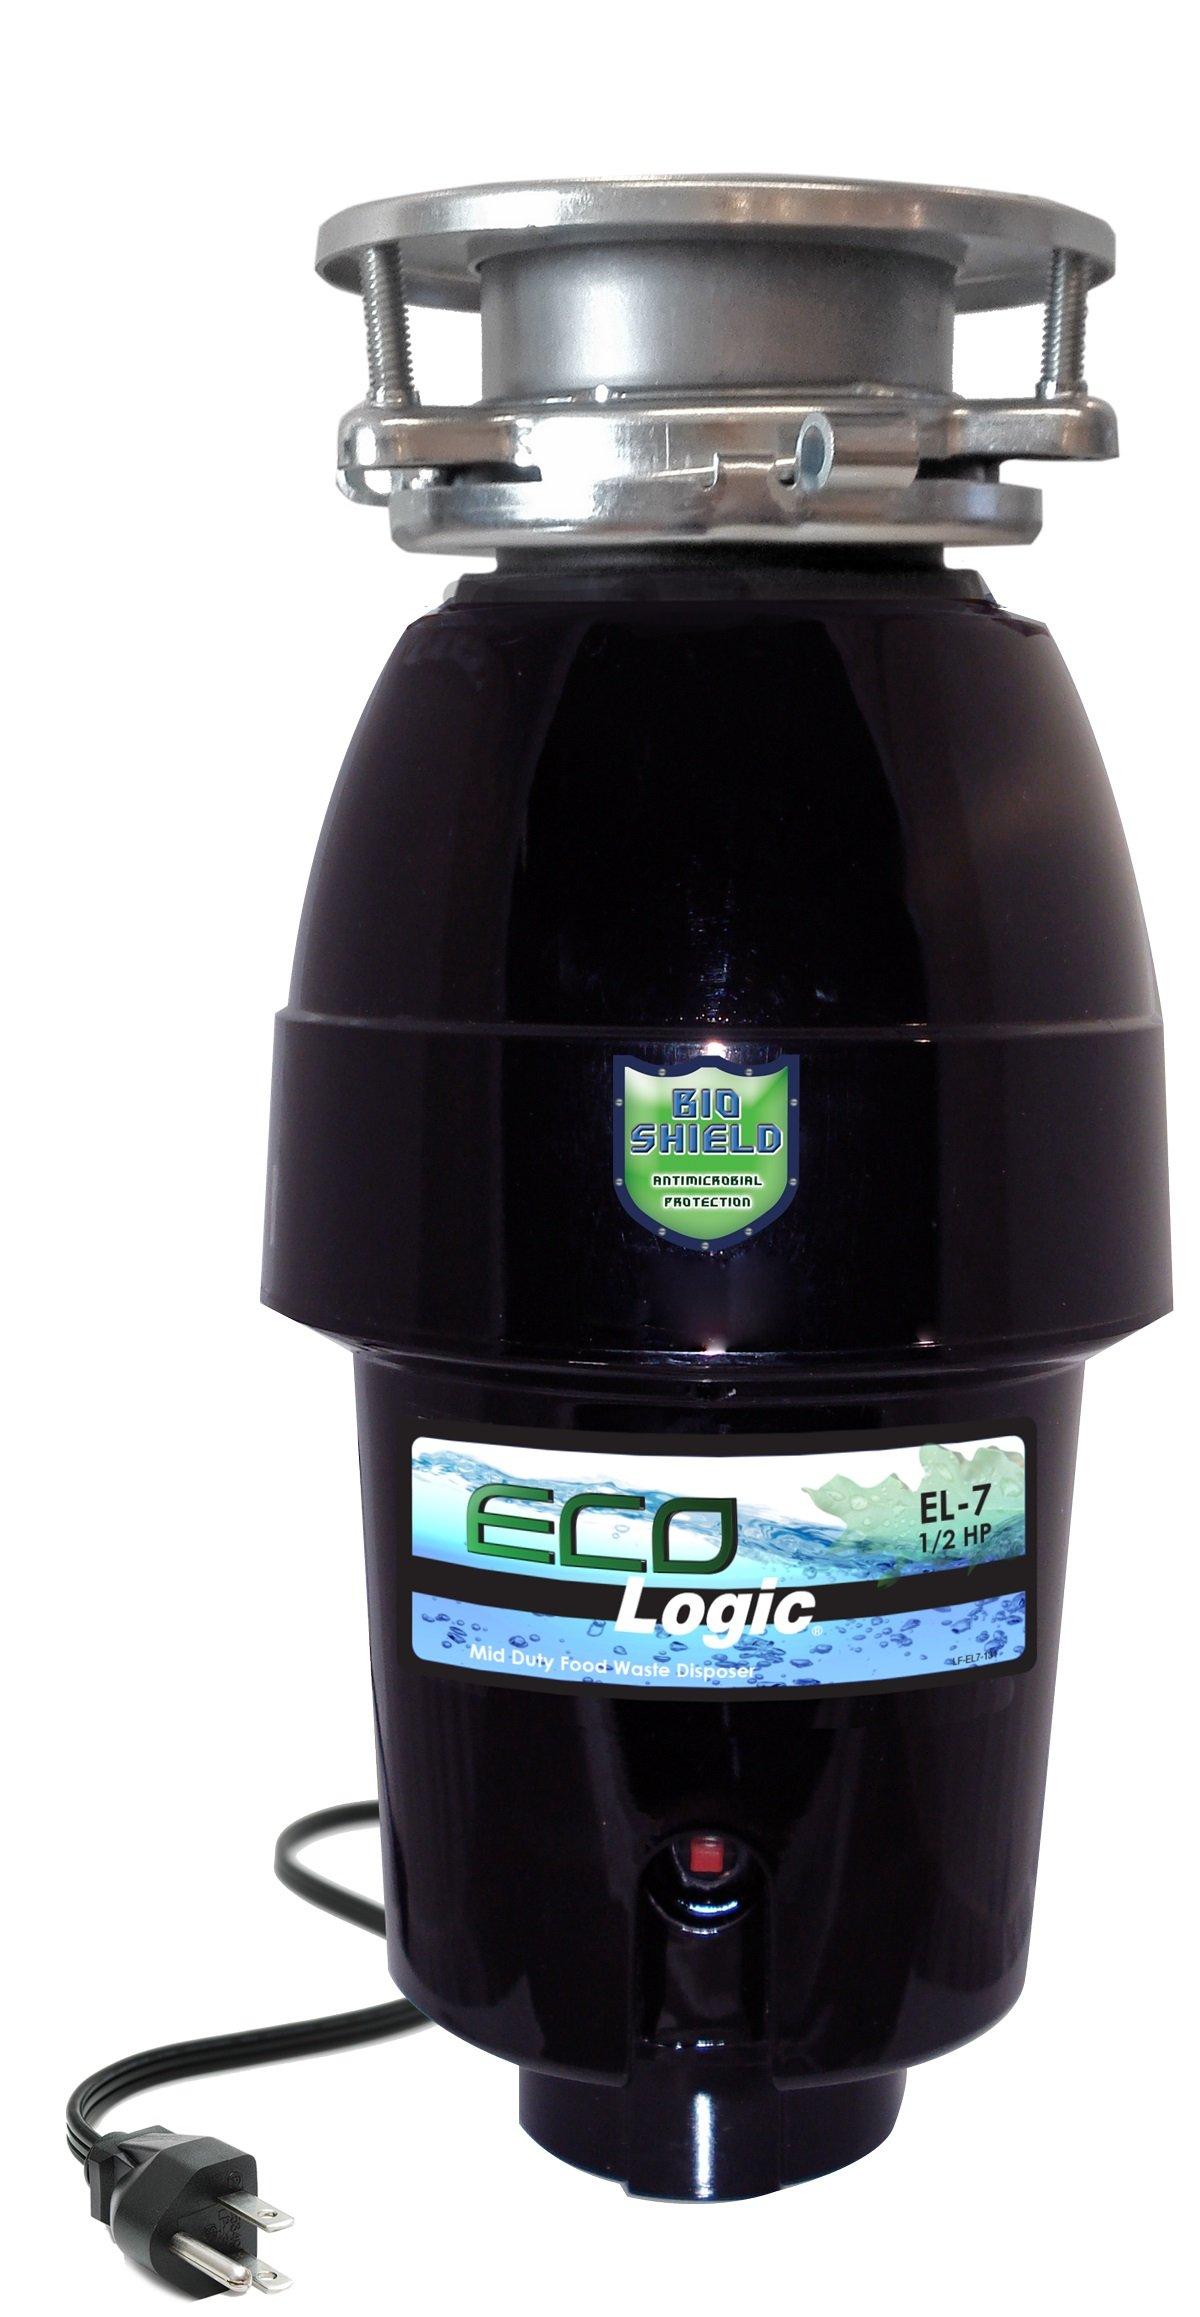 Eco Logic EL-7-3B 7 Mid-Duty Food Waste Disposer by Eco Logic